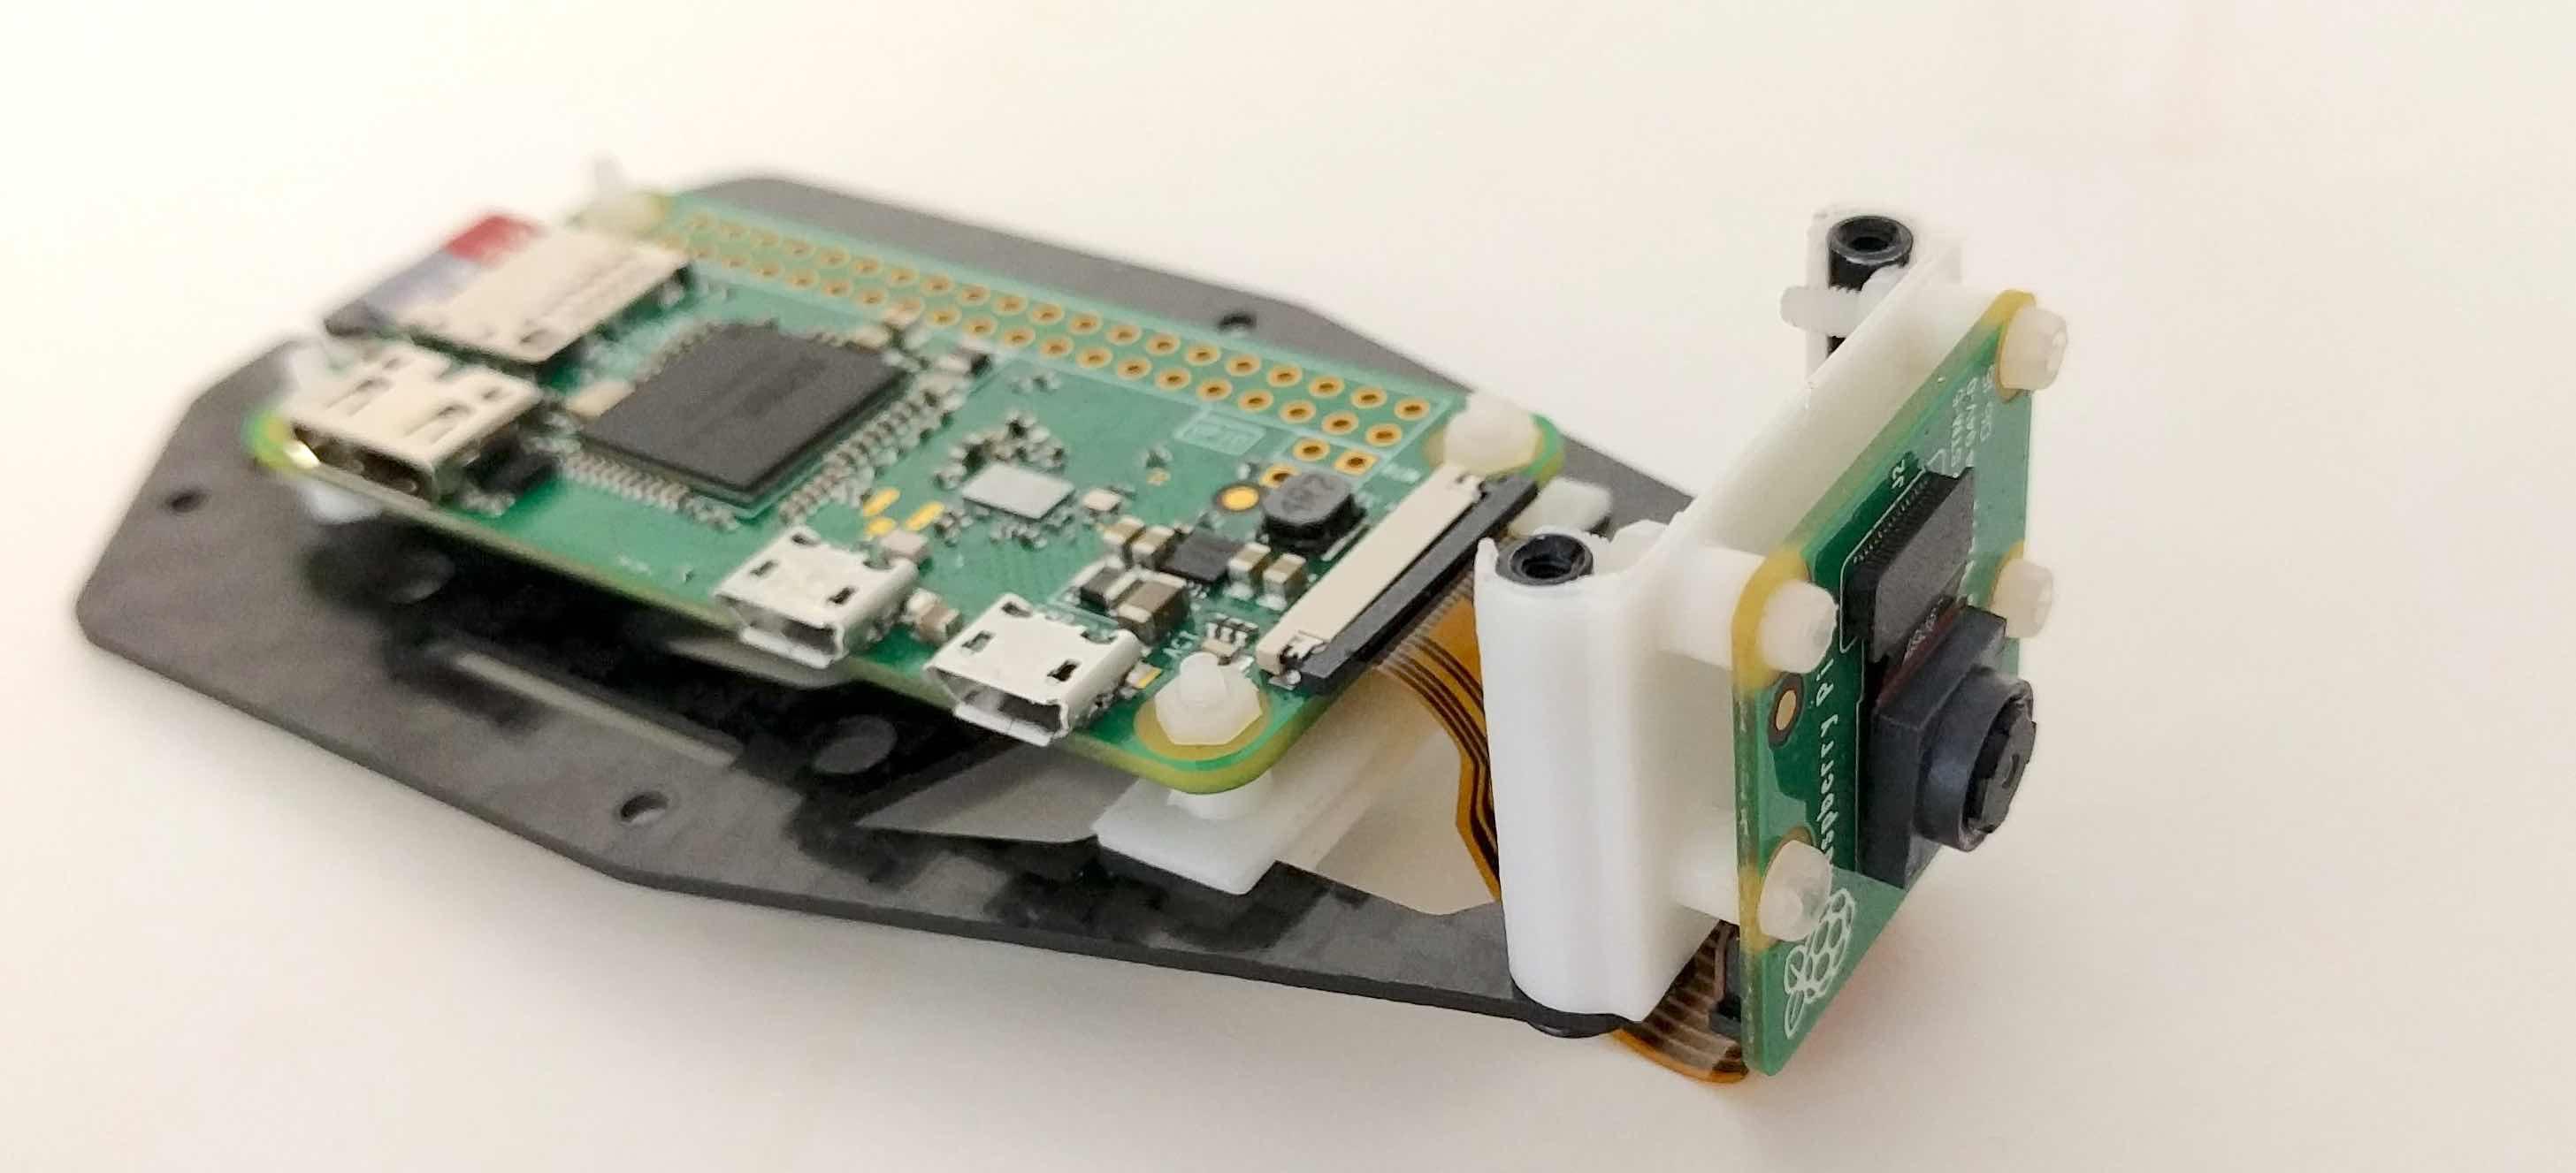 Crazyflie-based quadcopter with Raspberry pi camera | Bitcraze